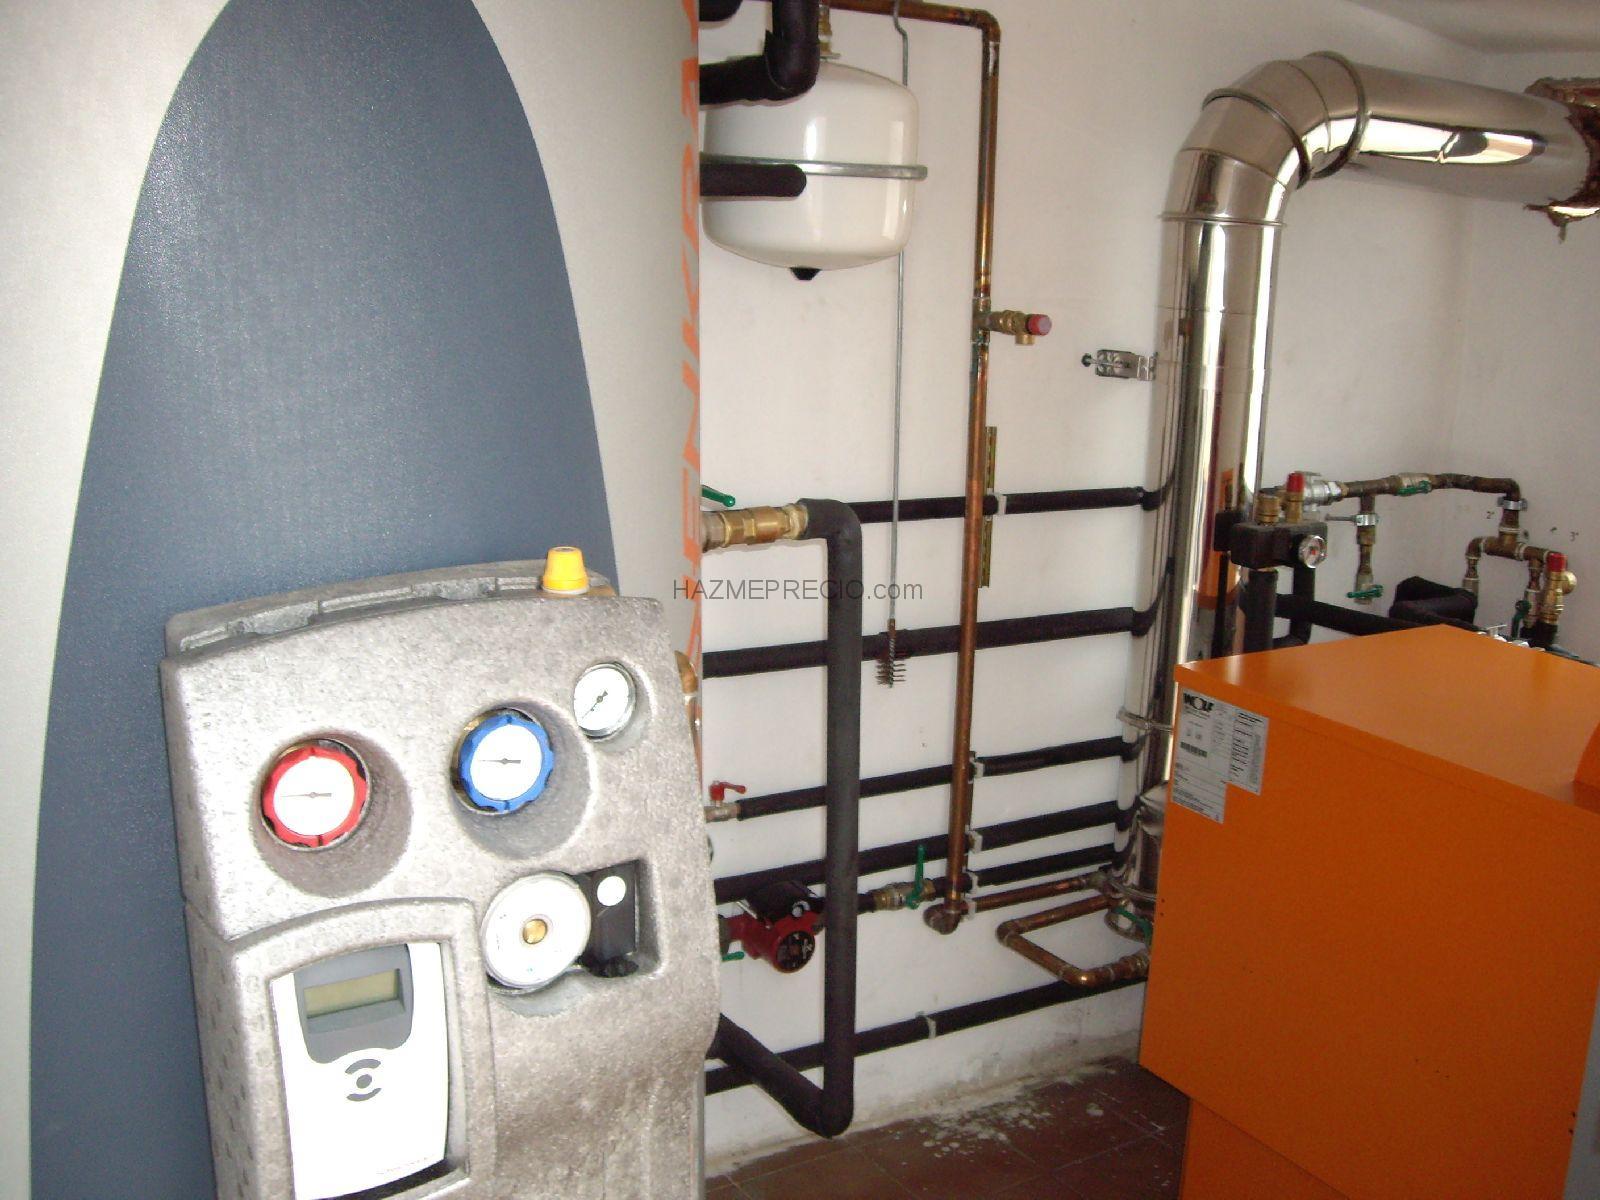 Mi casa decoracion instalacion calefaccion gasoil precio - Calefaccion pellets opiniones ...